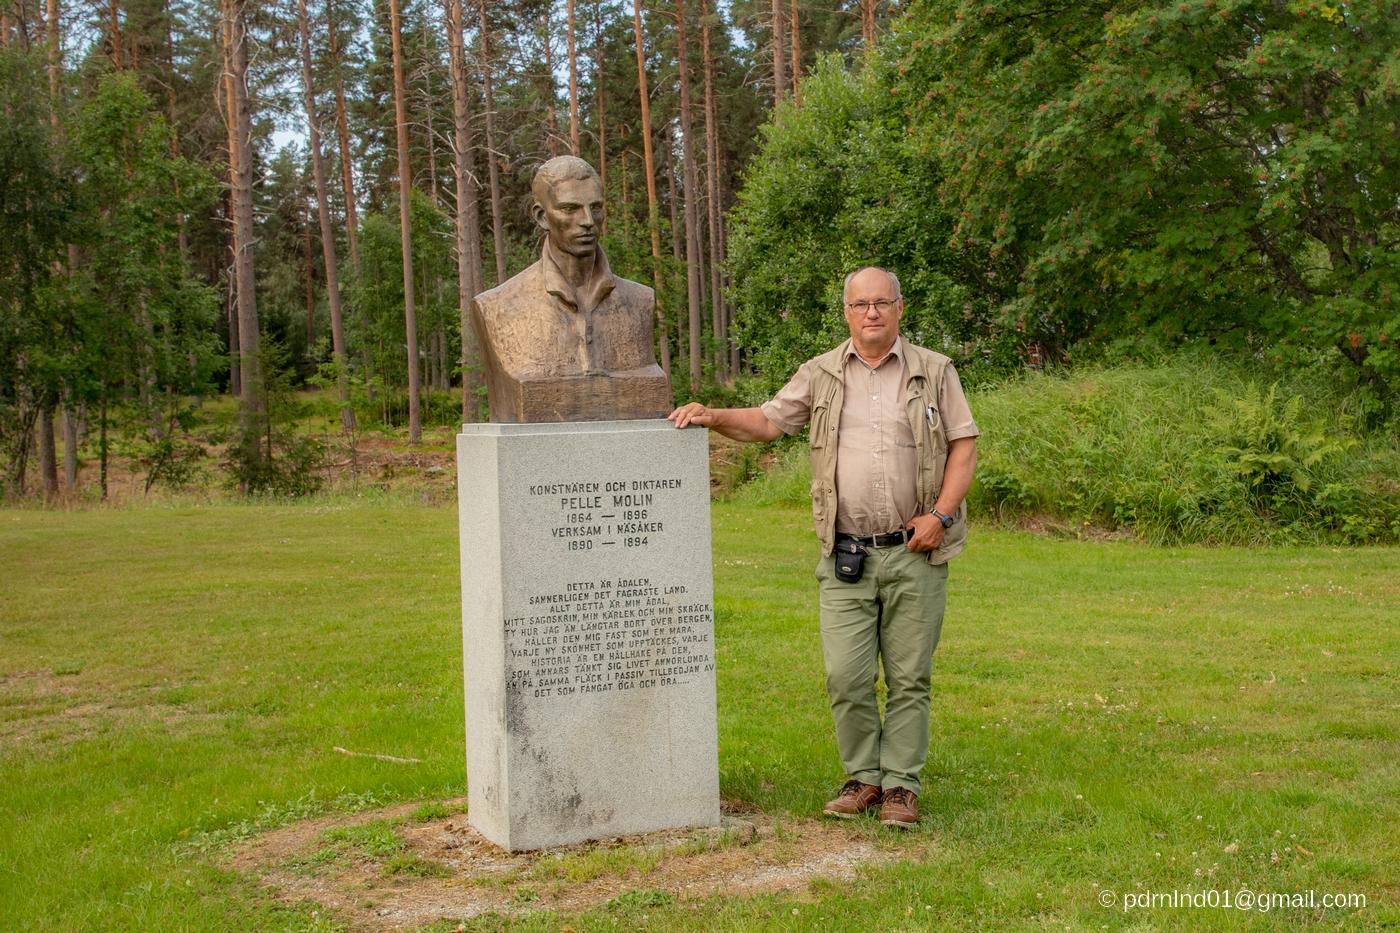 Staty Pelle Molin i Näsåker